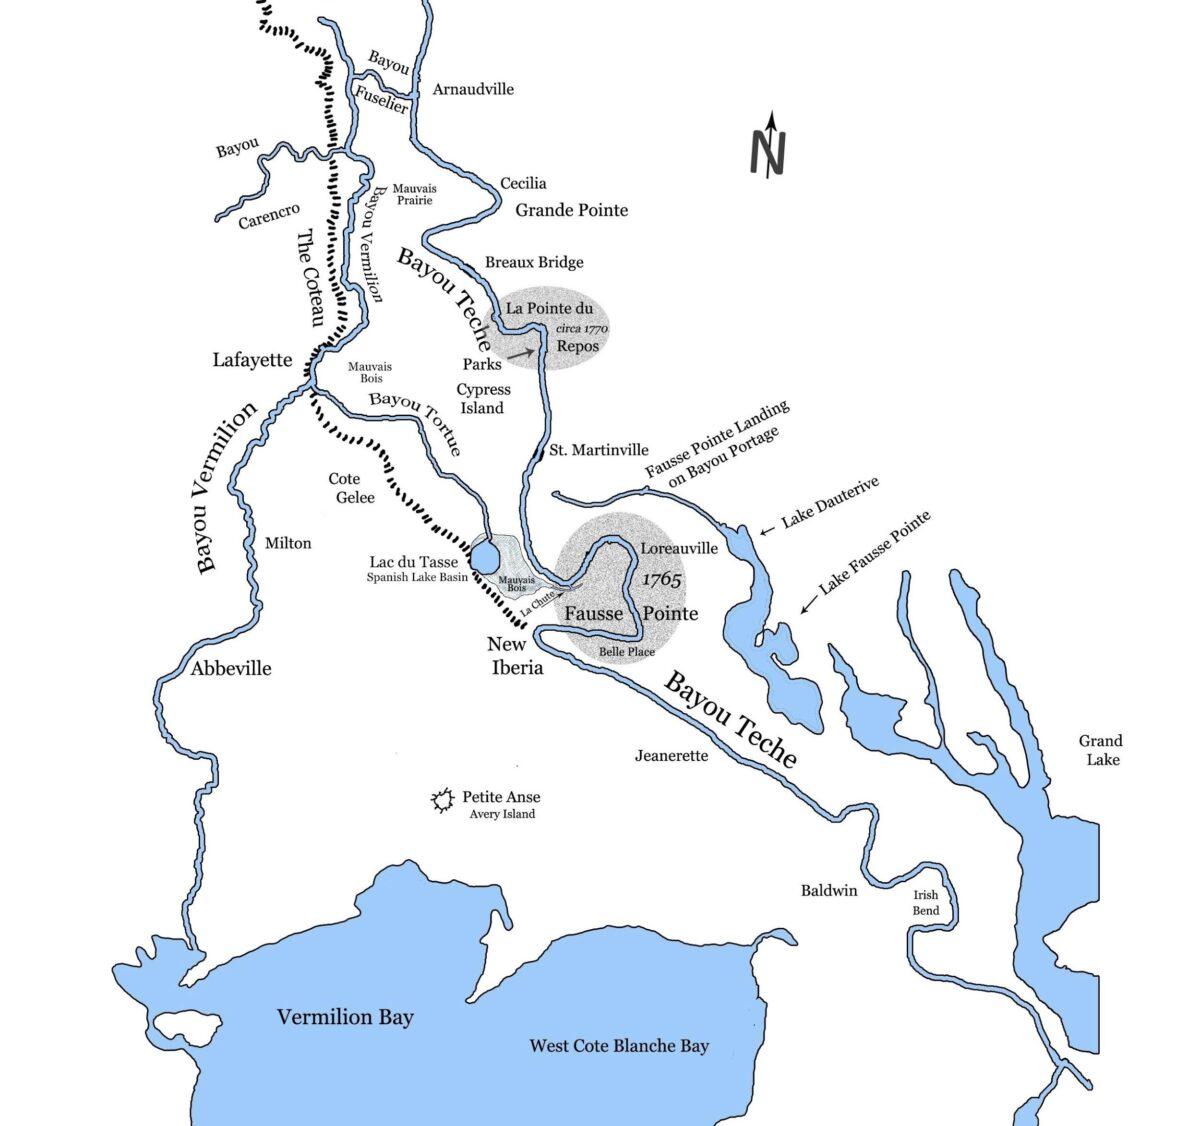 Donald J. Arceneaux's map